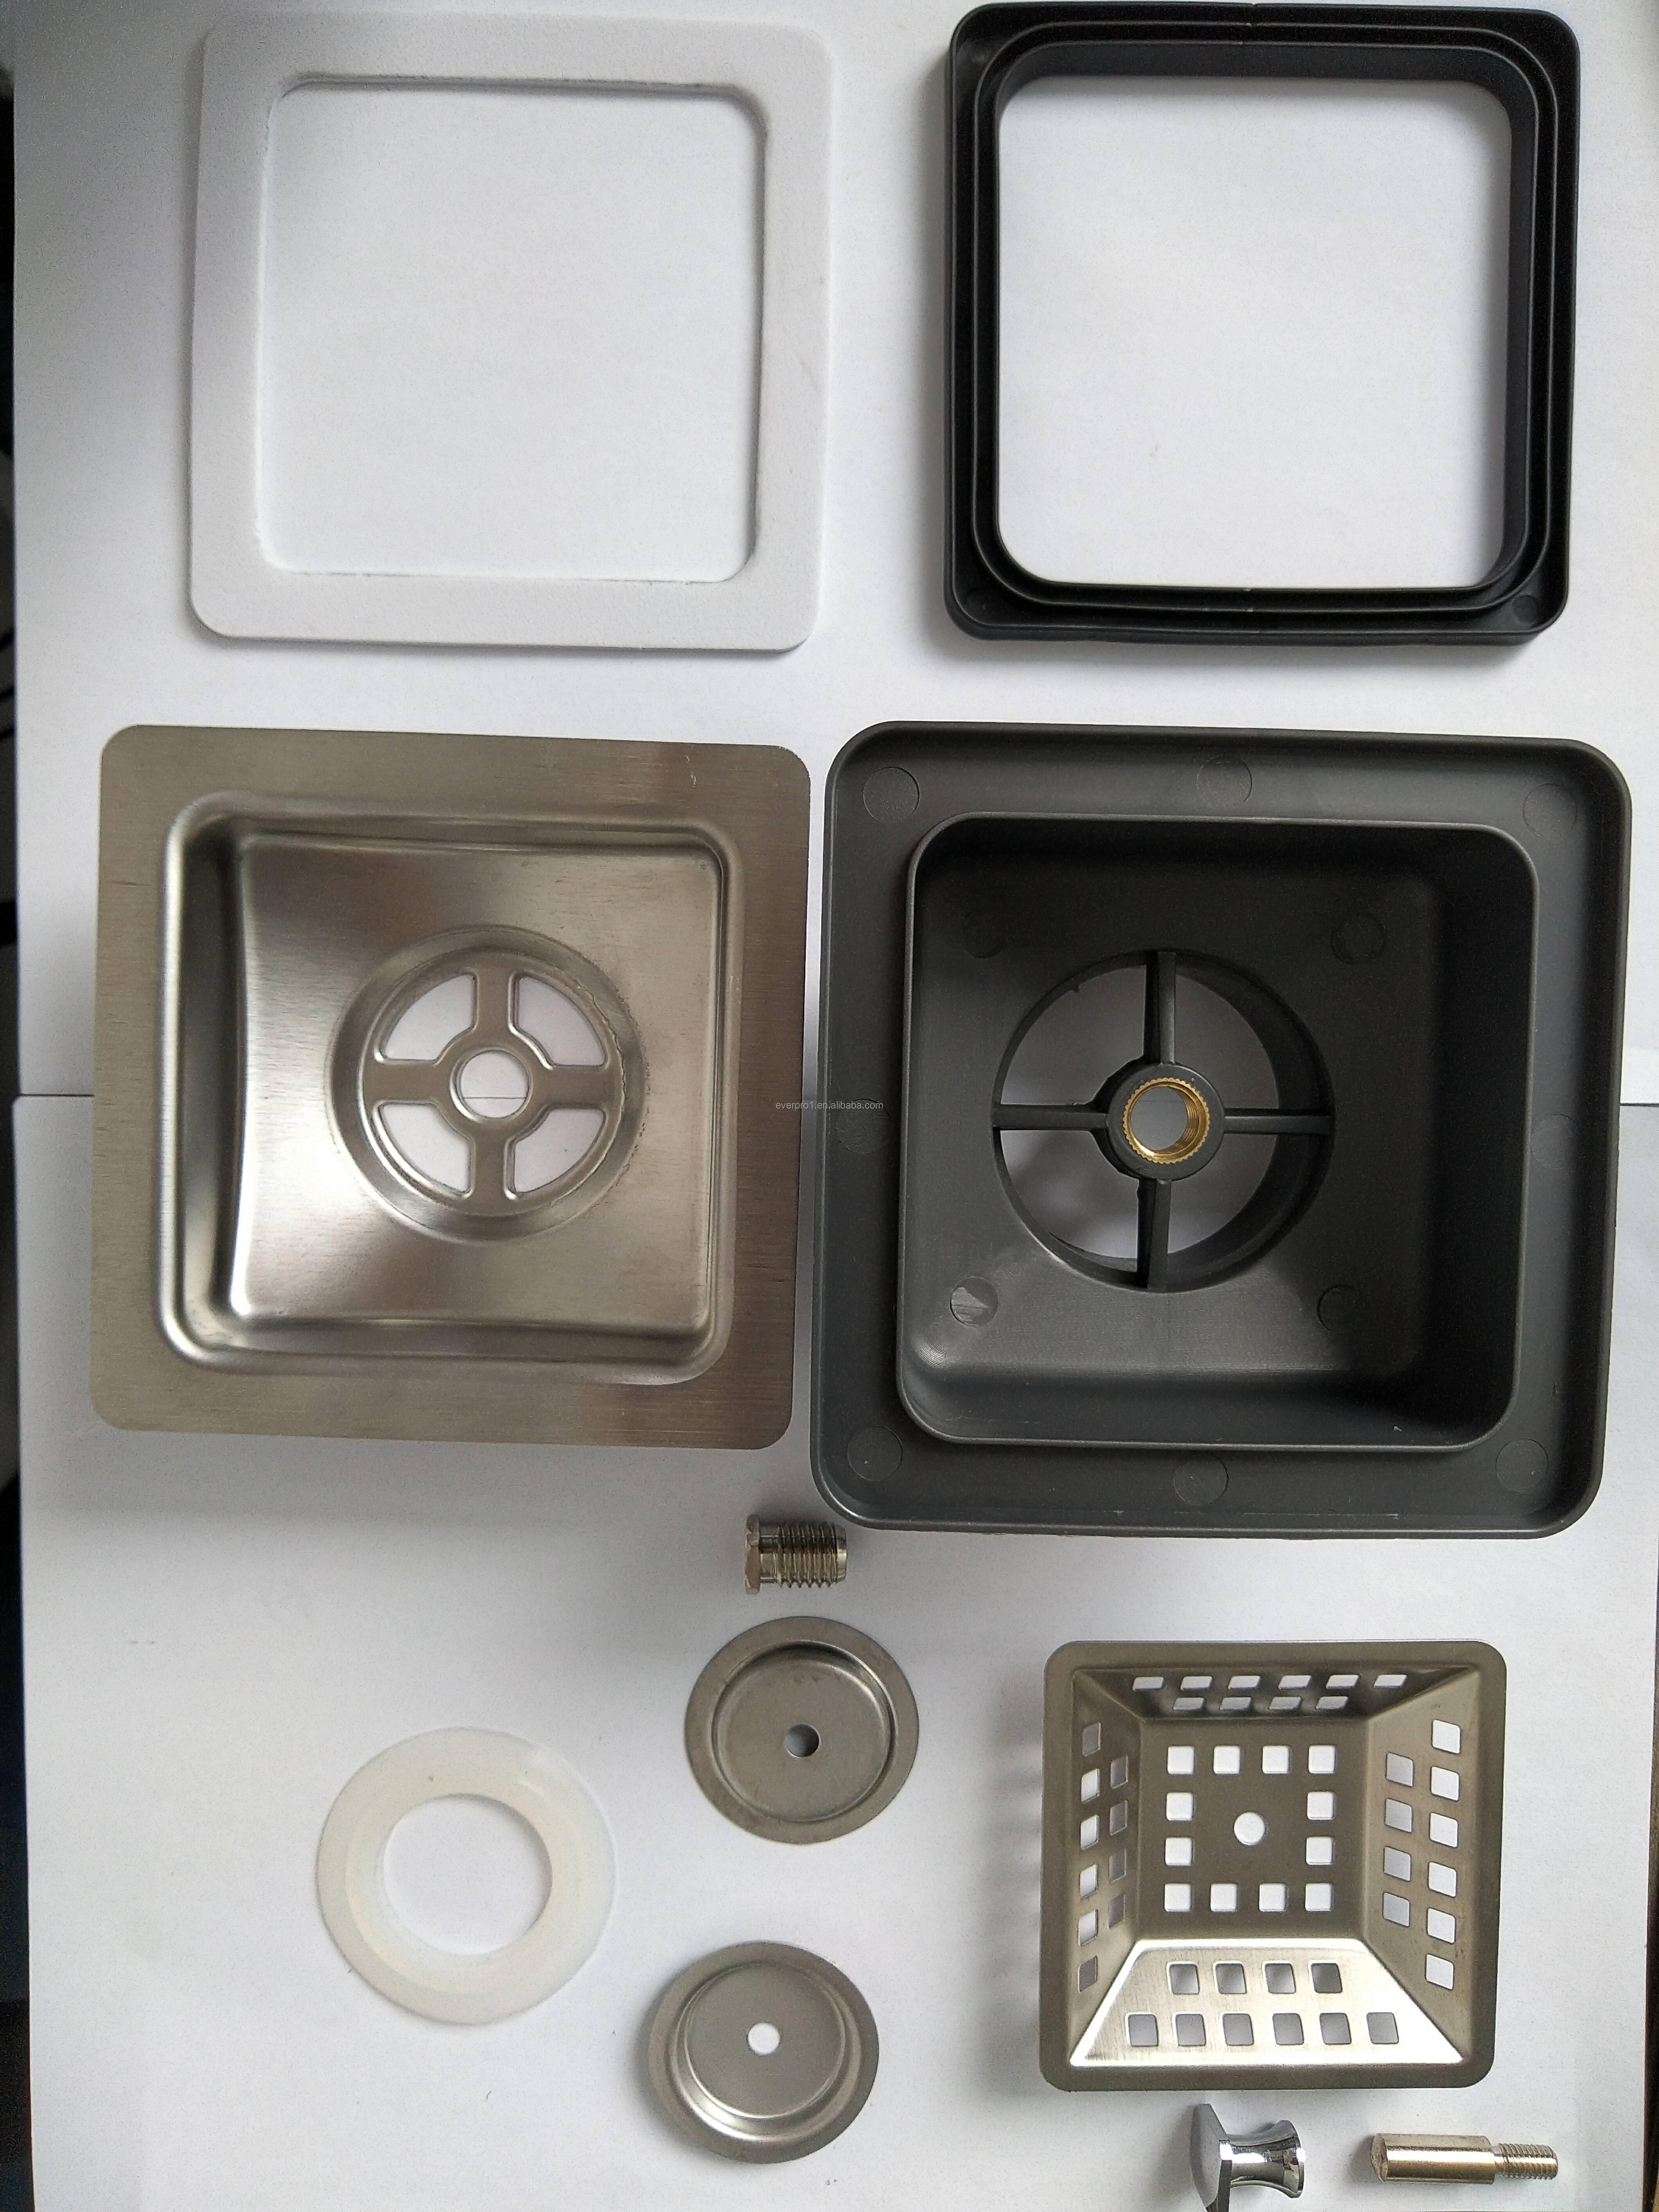 Kitchen Strainer Stainless Steel Metal Plastic square sink waste strainer Kitchen Accessories